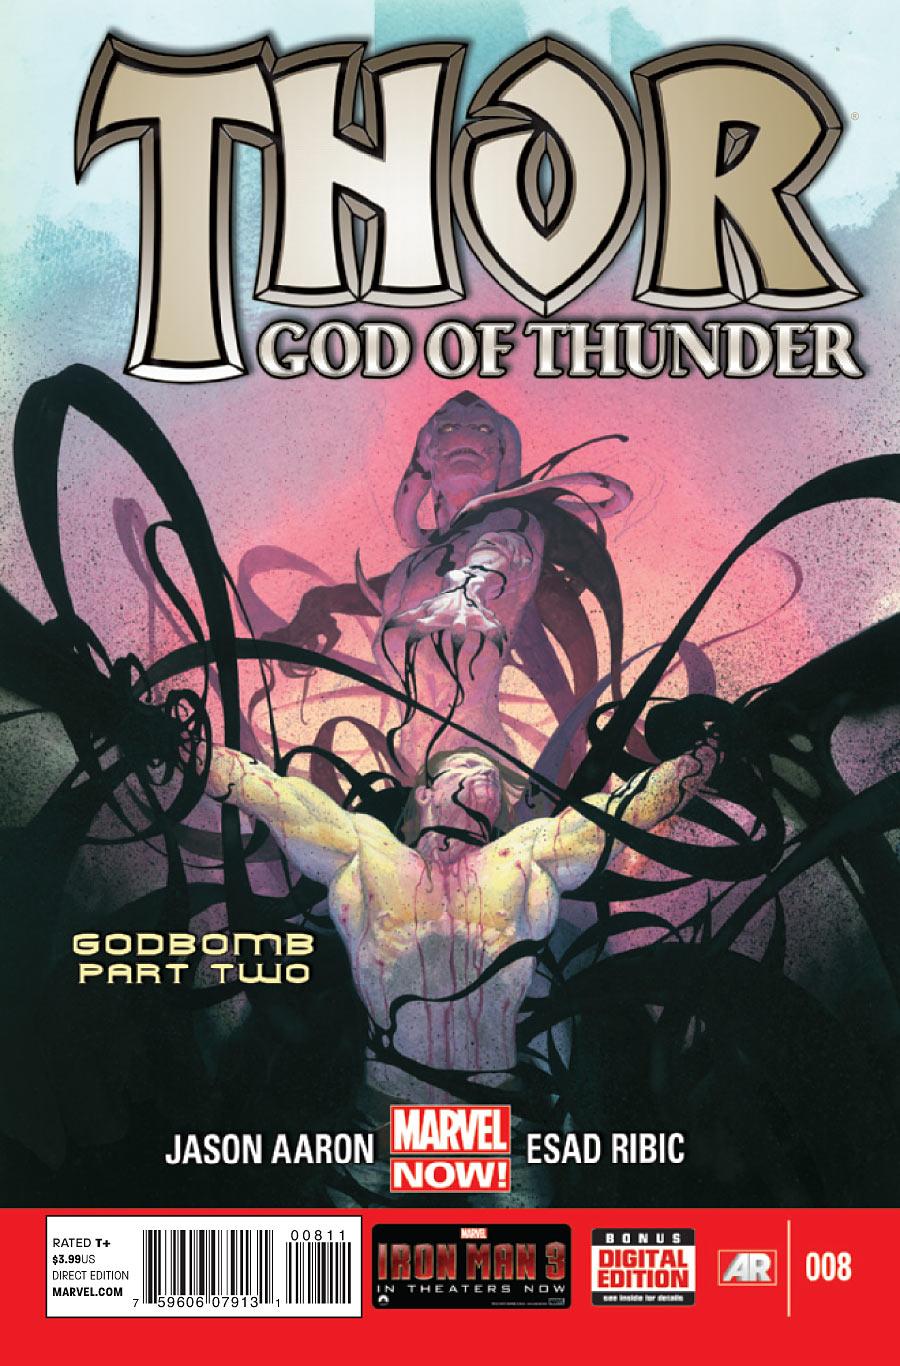 Thor: God of Thunder #8